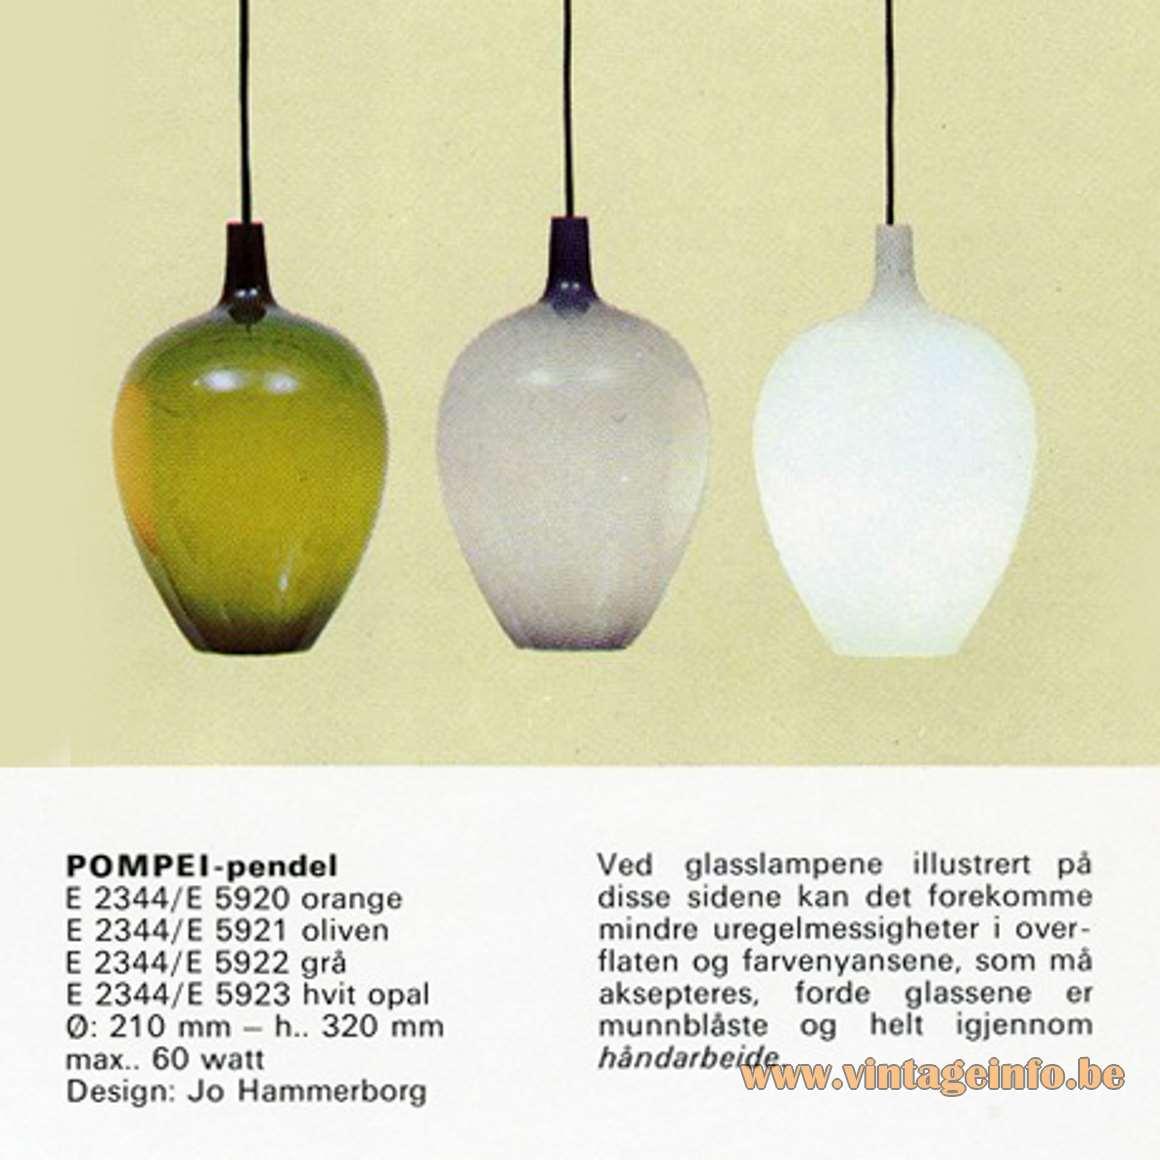 Fog & Morup Pompeï Pendant Lamp - Catalogue Picture